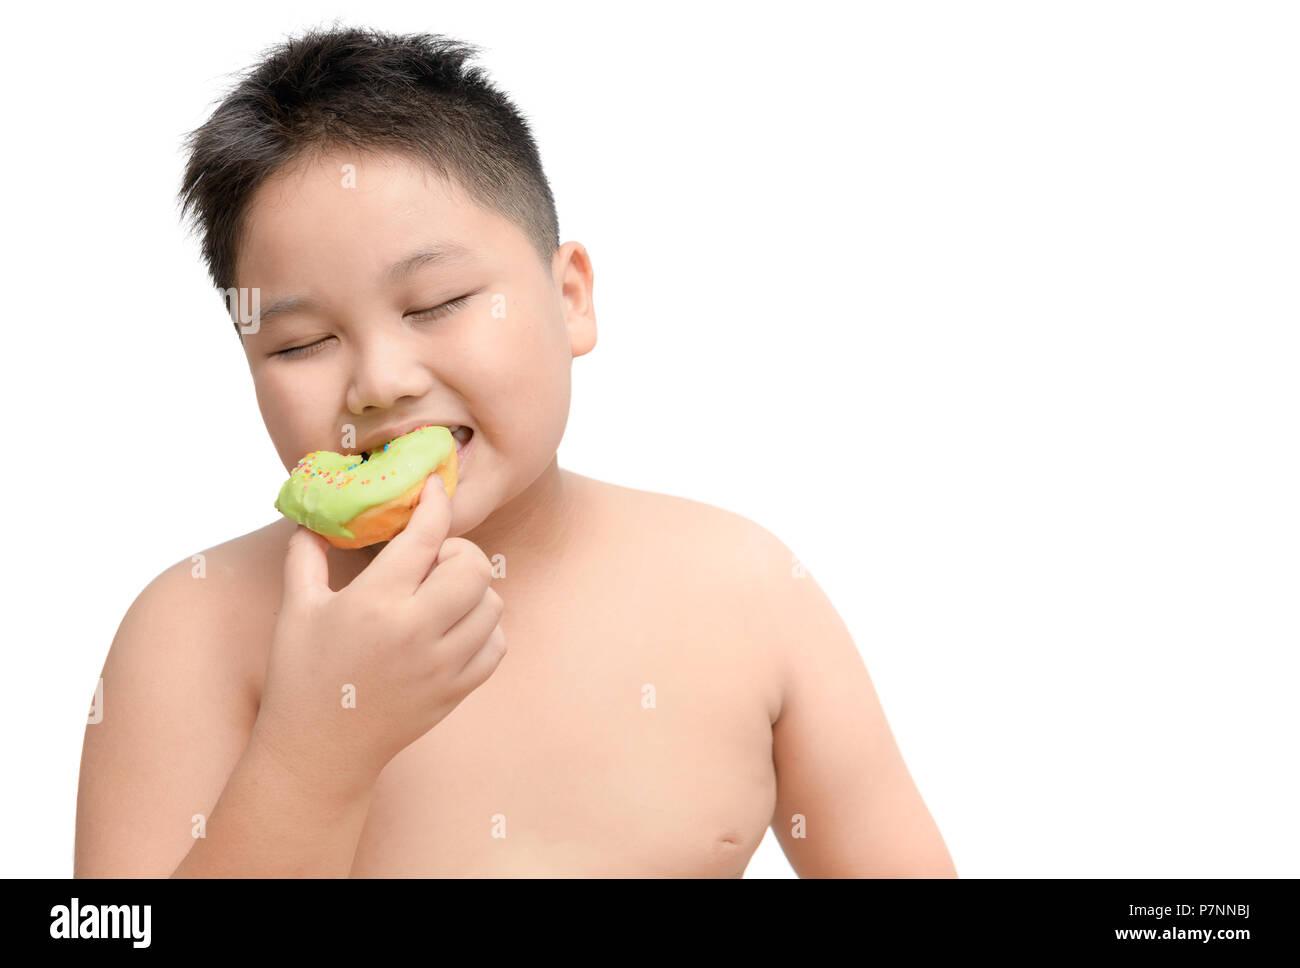 Obeso Fat Boy para disfrutar comiendo donut aislado sobre fondo blanco, la comida chatarra y la dieta concepto Imagen De Stock